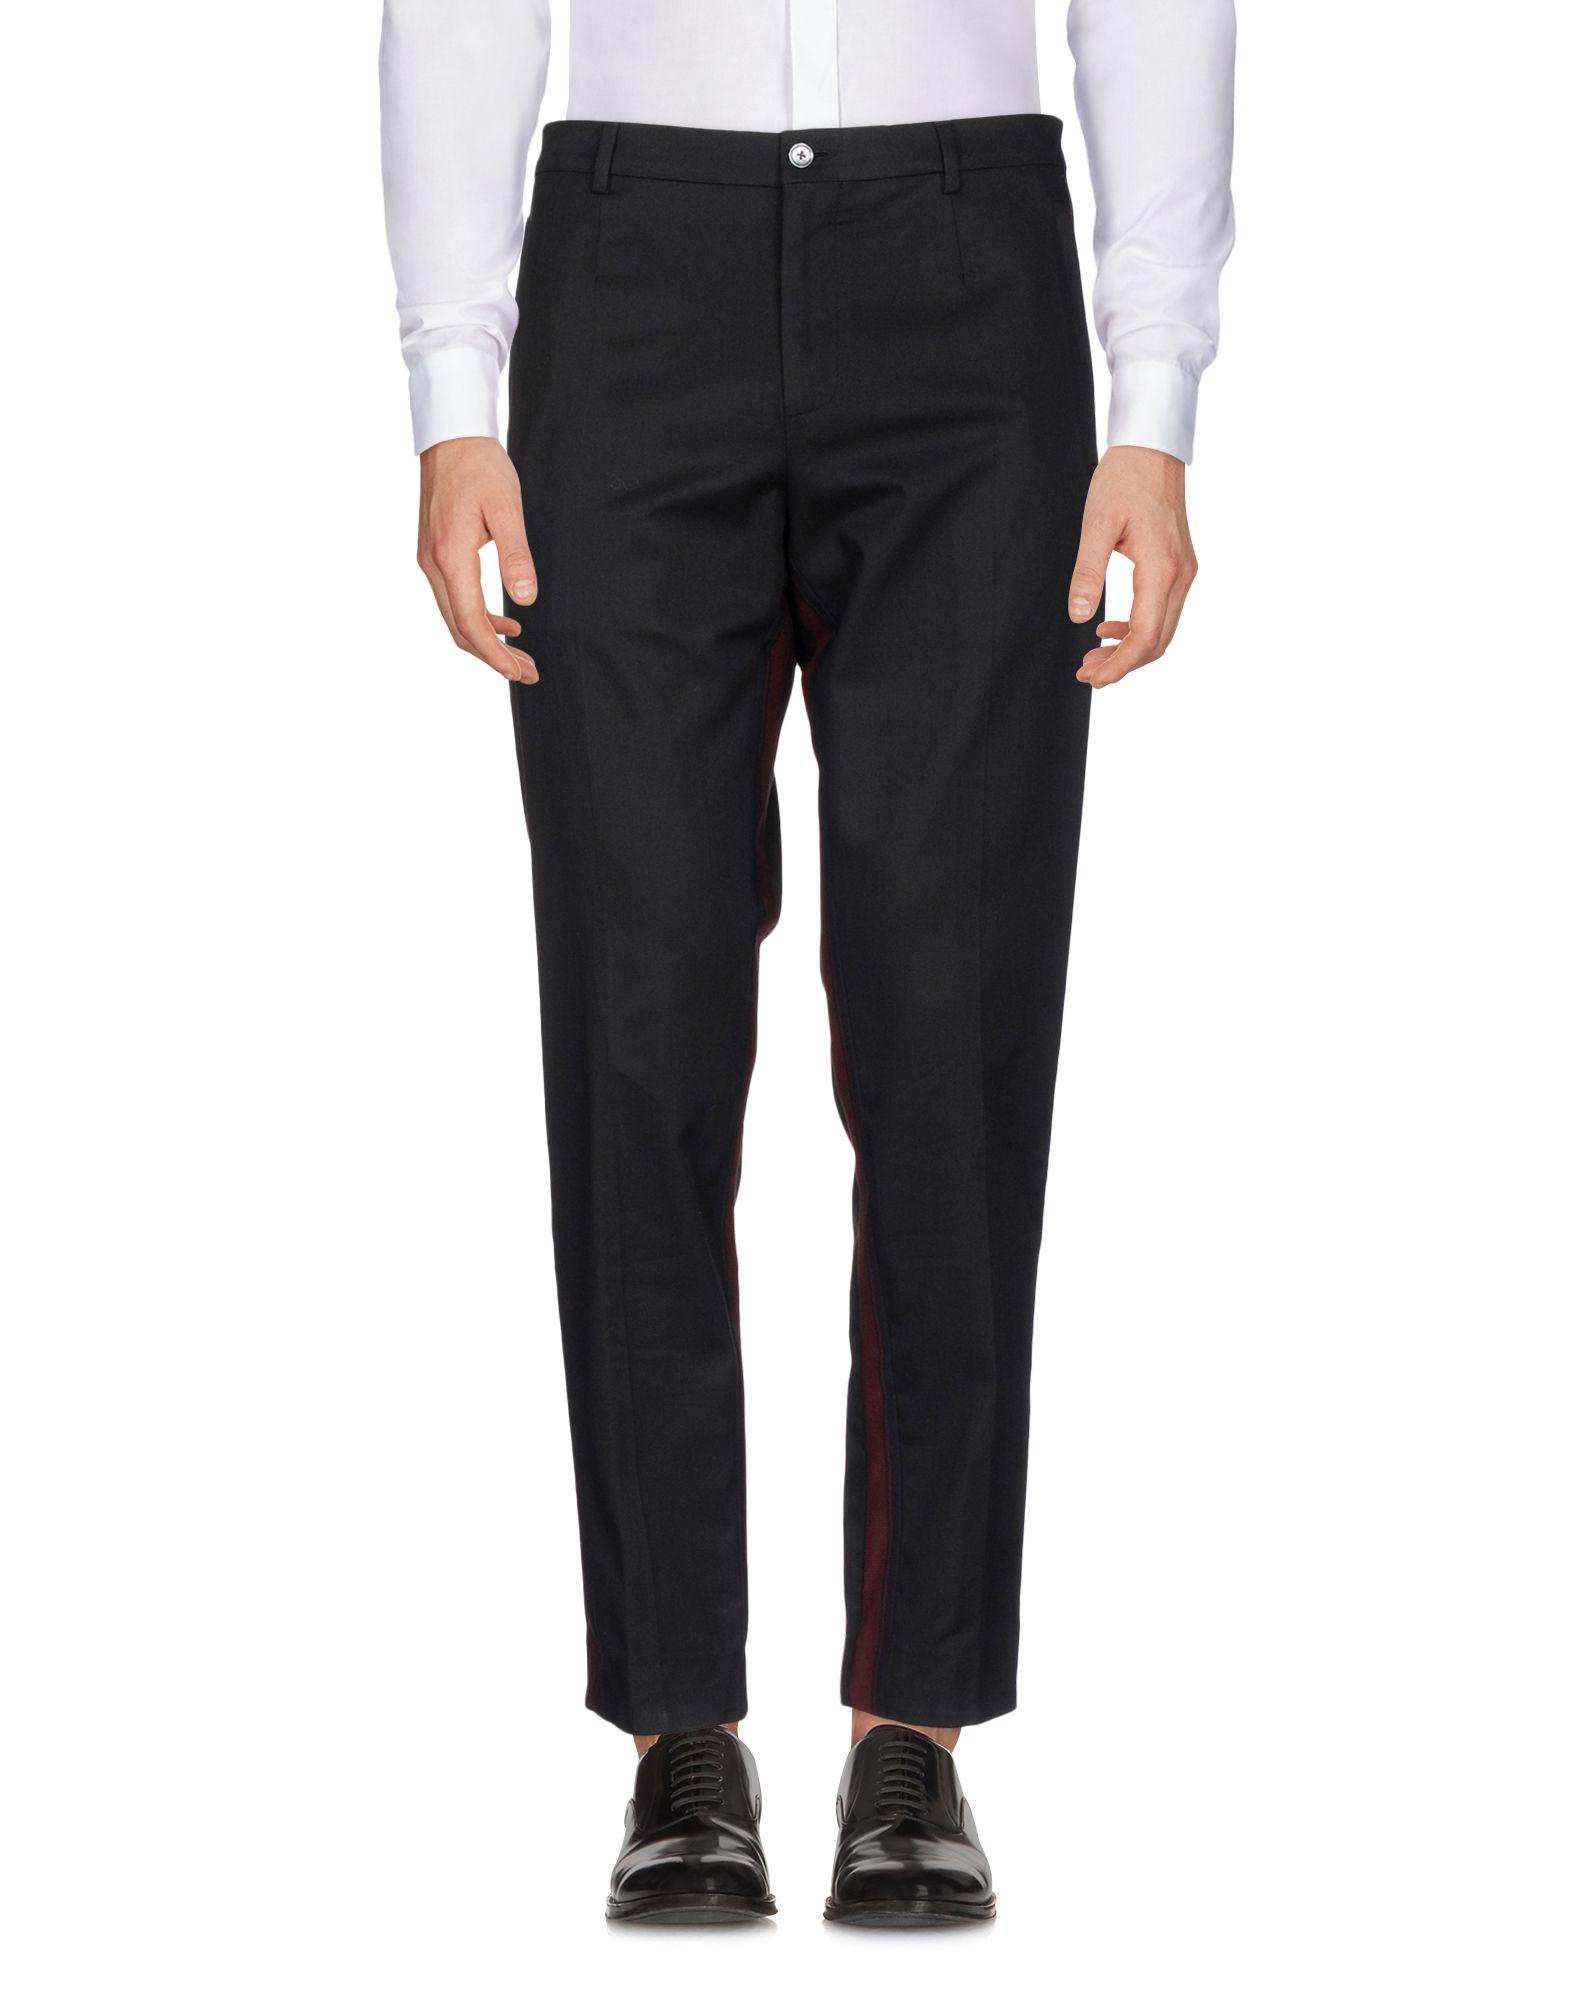 Pantalone Dolce & Gabbana Uomo - 13174737HM 13174737HM - 0234dc